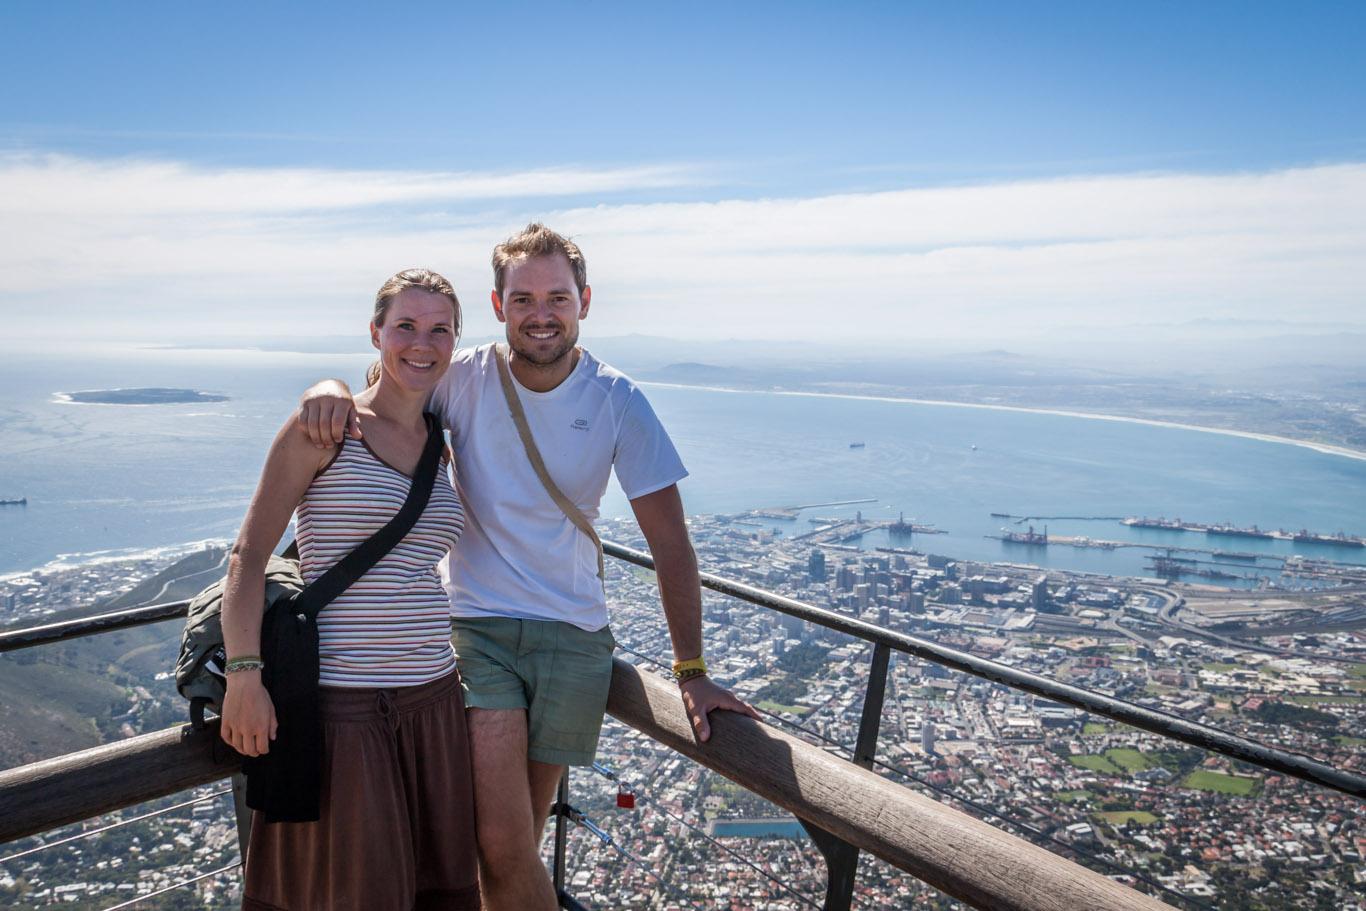 Die Aussicht vom Tafelberg ist noch schöner, wenn man ihn zu Fuß erklommen ist!